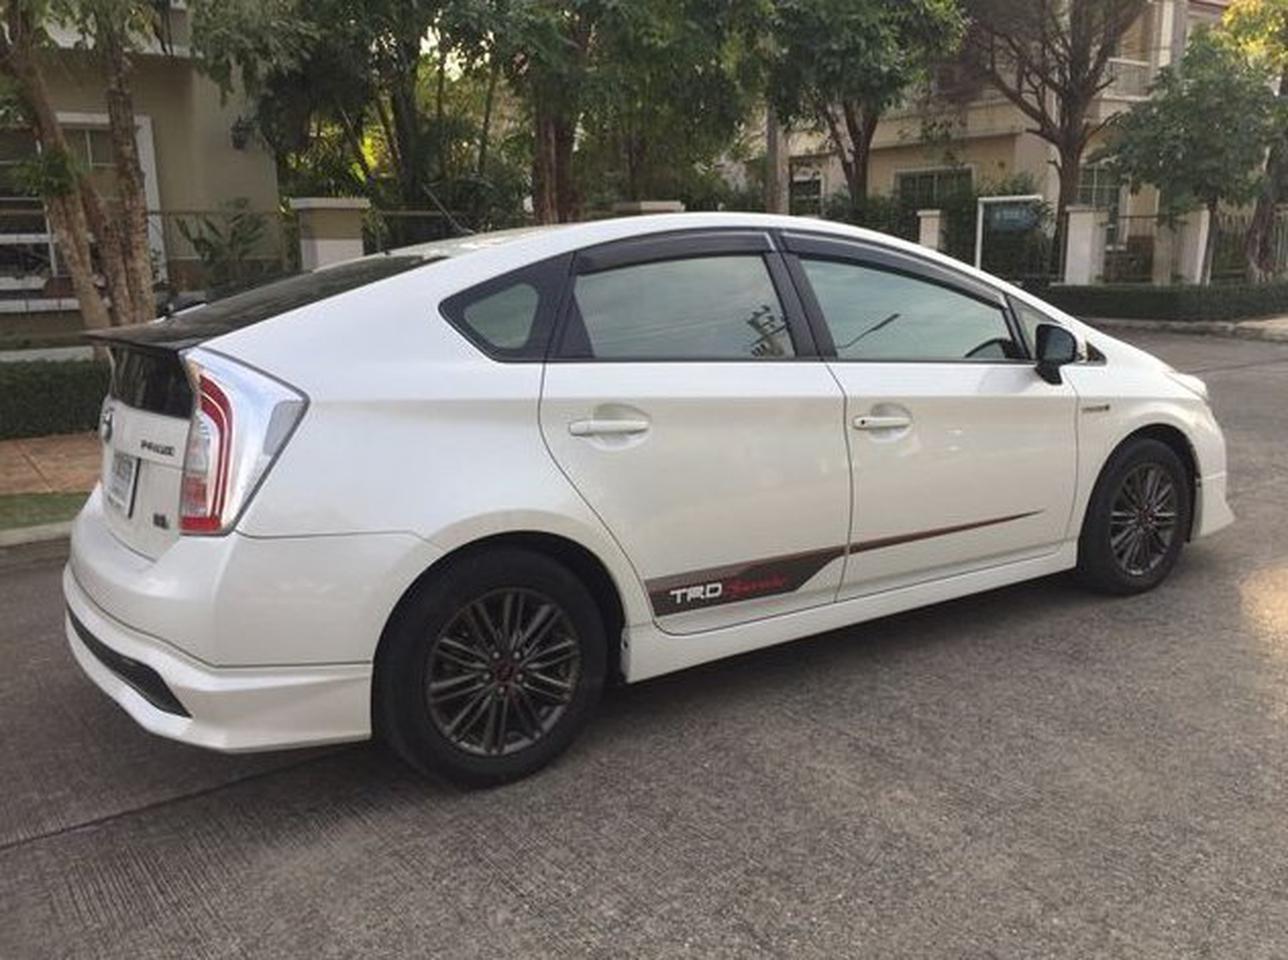 ขายรถยนต์ Toyota Prius ลำลูกกา ปทุมธานี รูปที่ 2